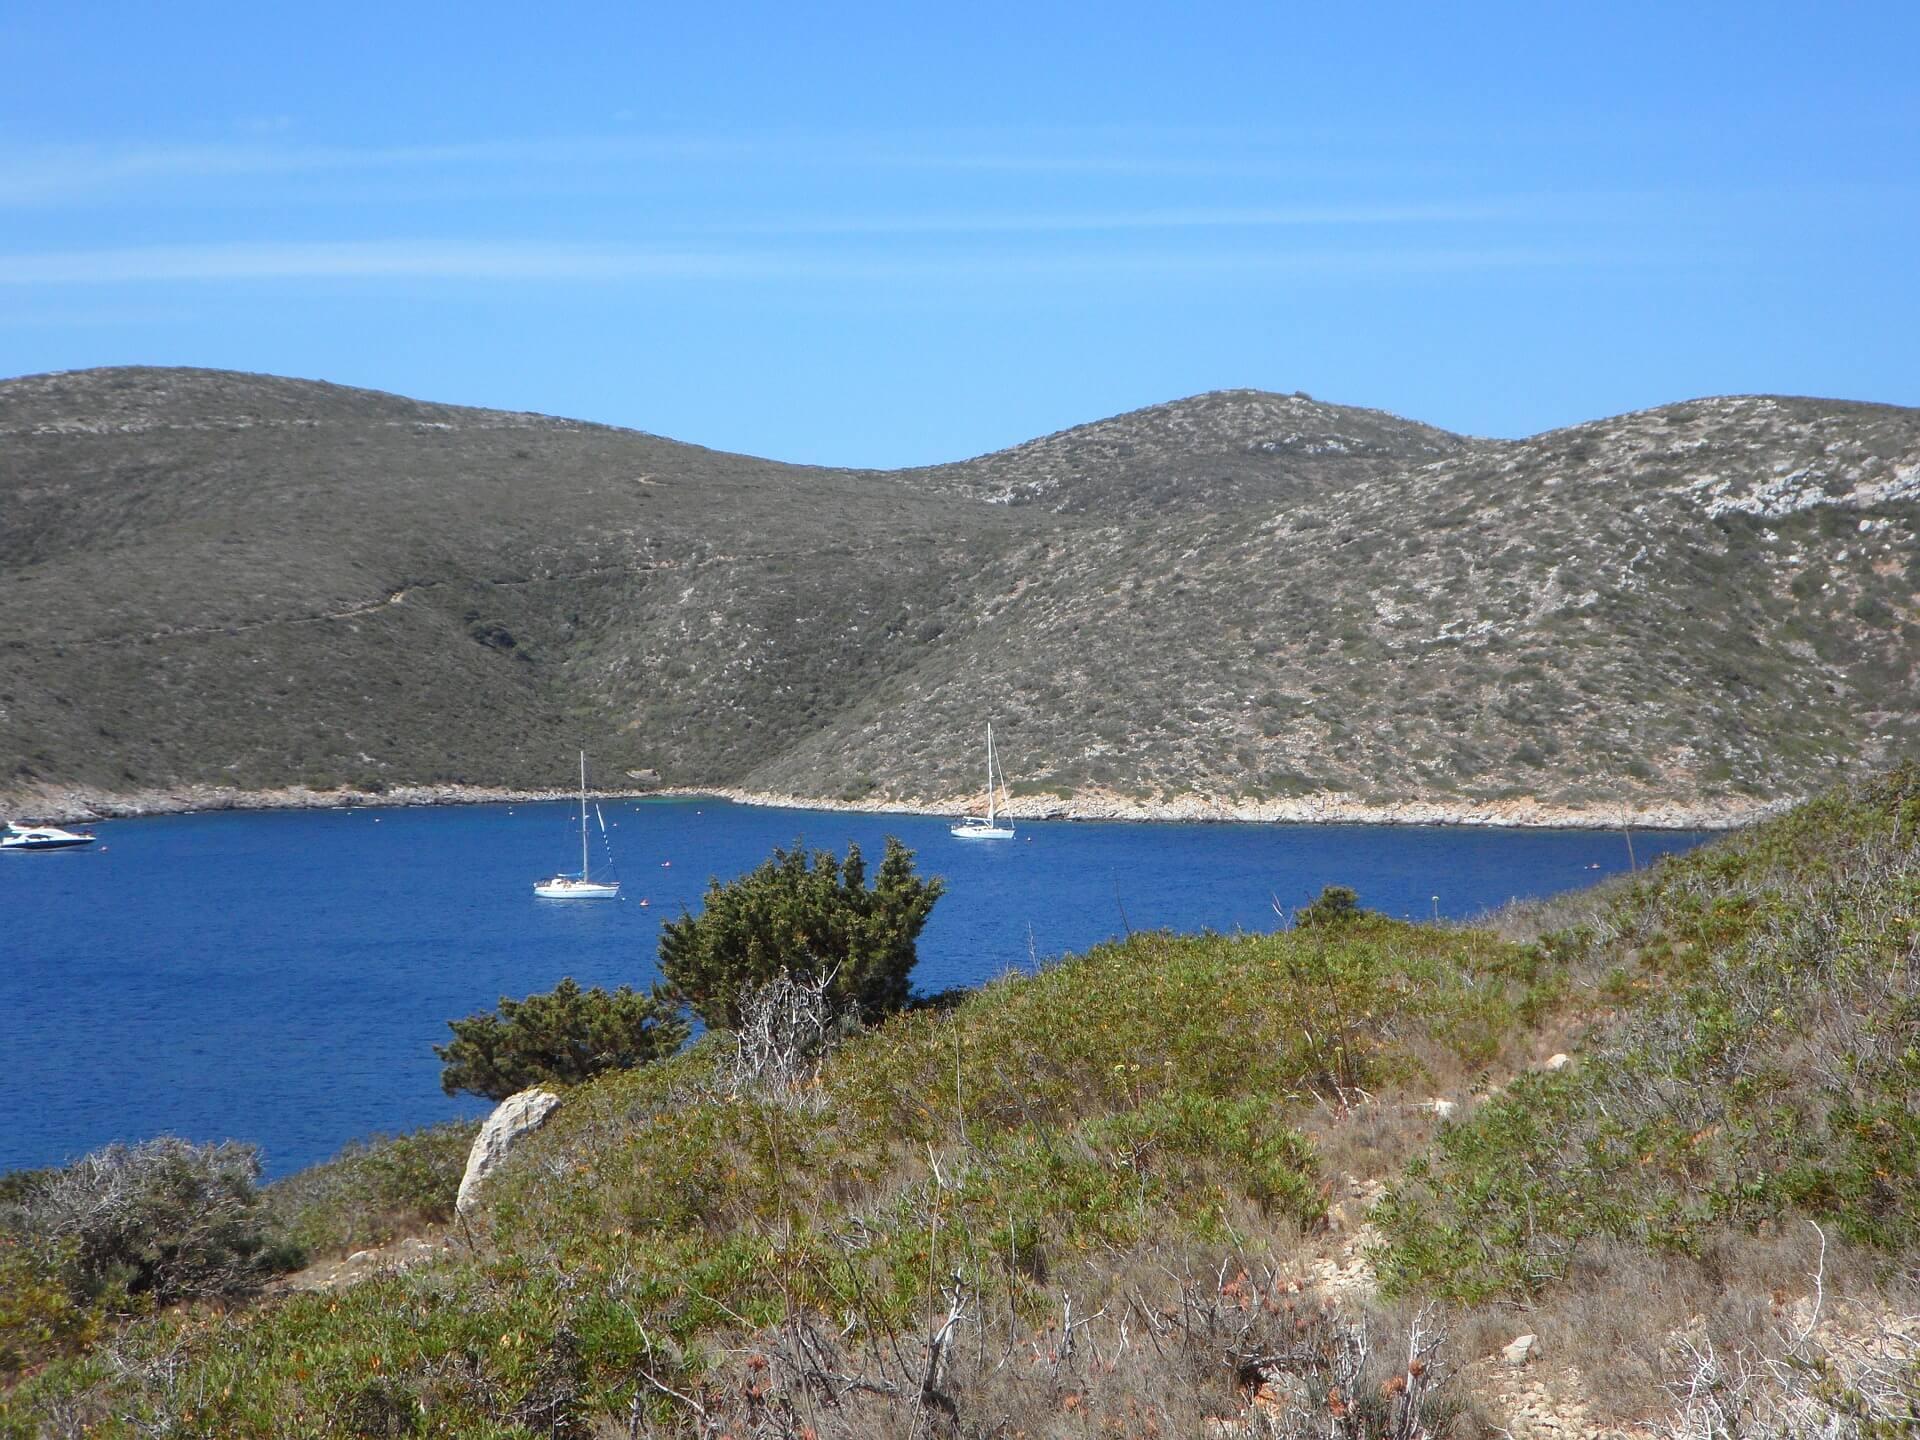 Excursiones a Cabrera en barco